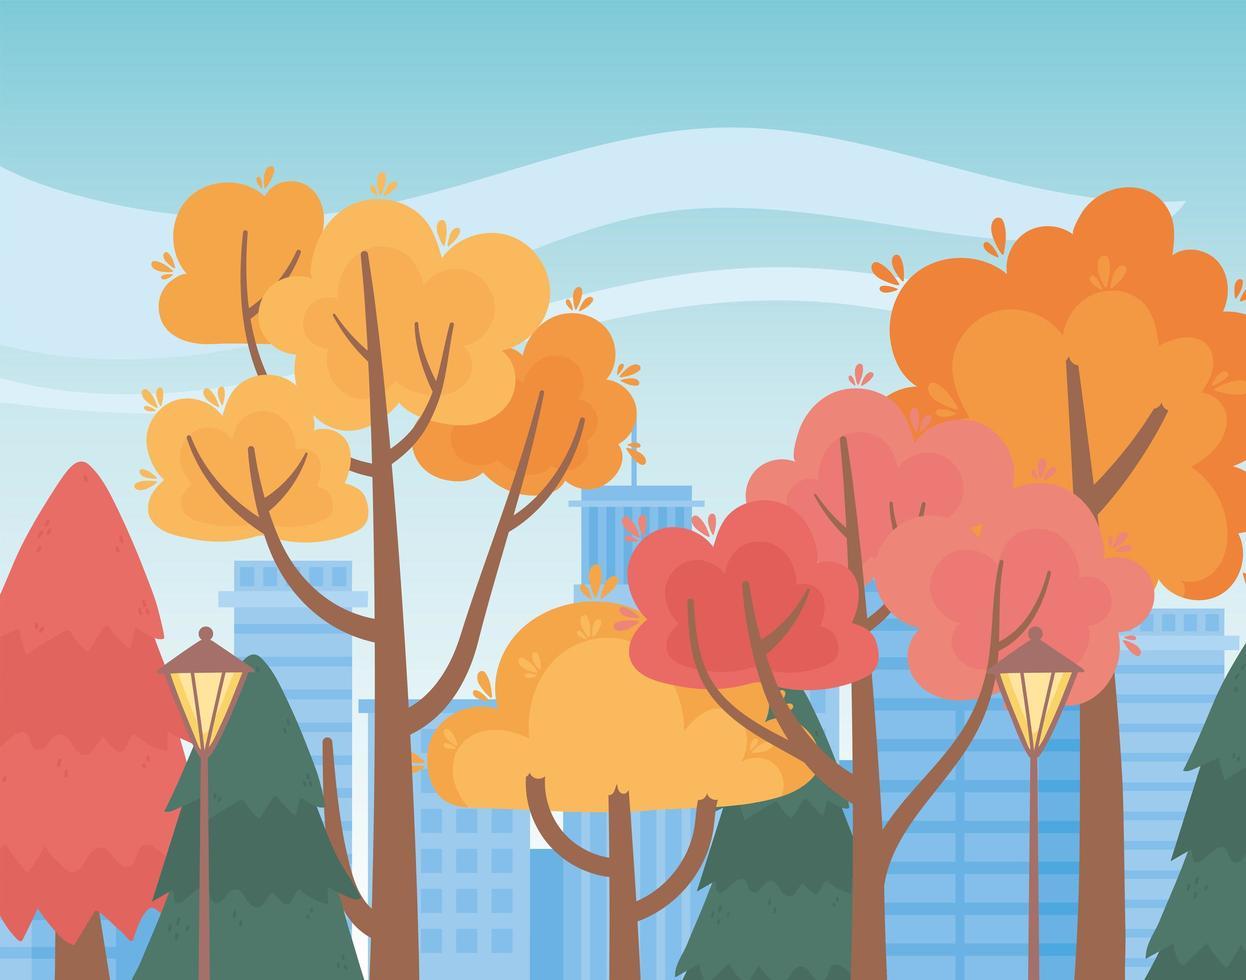 landskap på hösten. parkera träd, lampor och stadsbild vektor